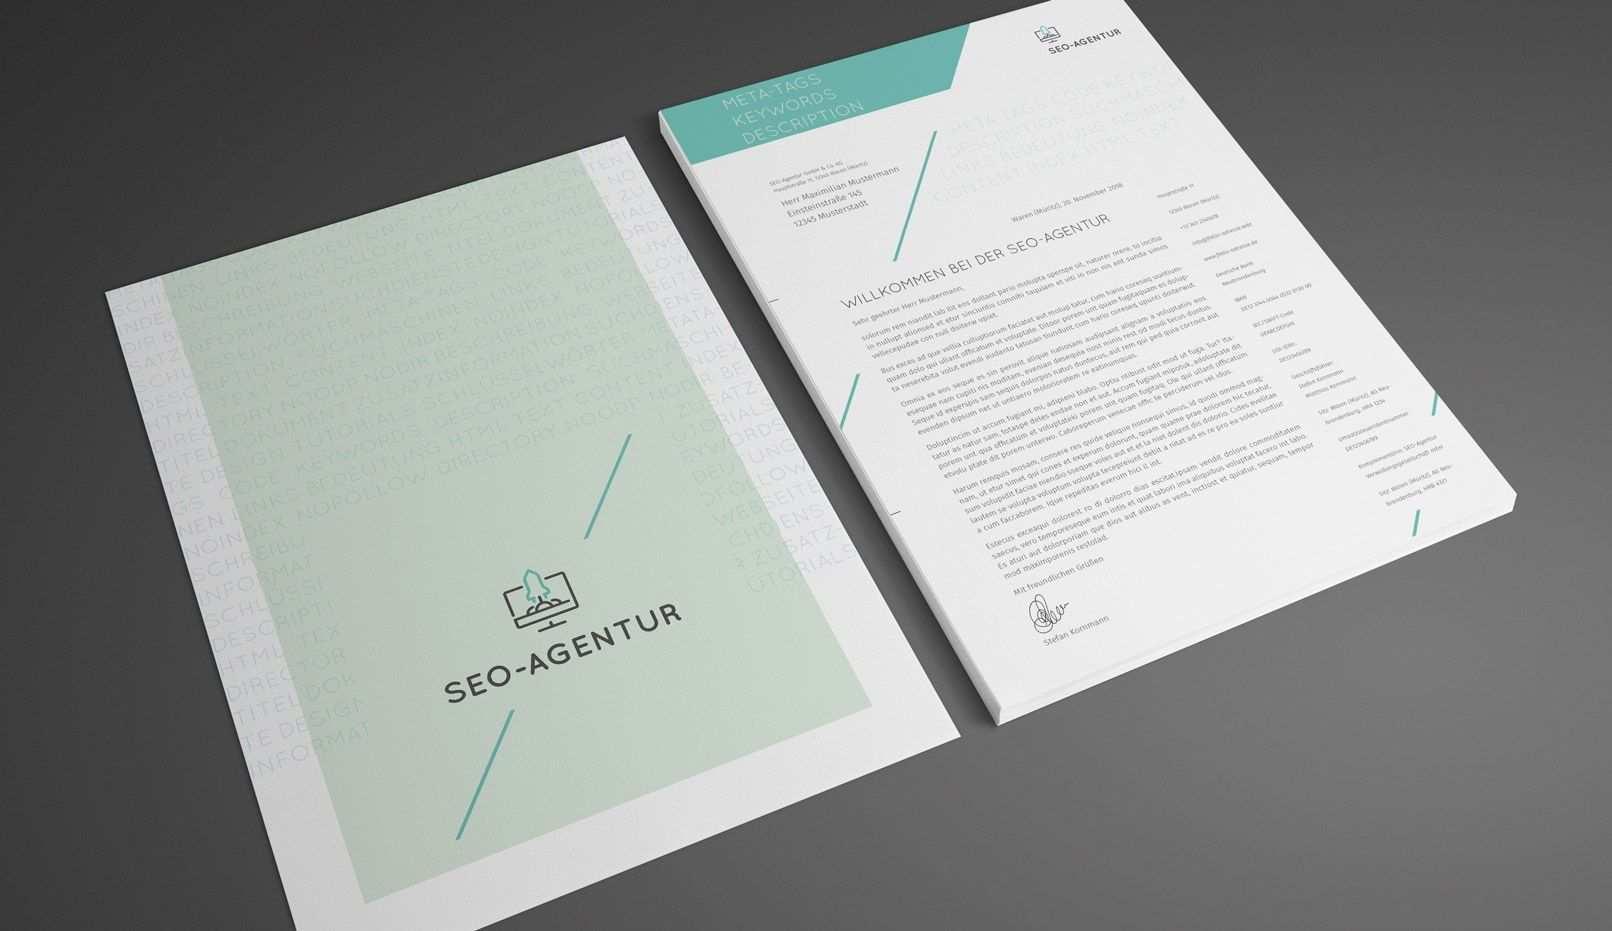 Briefpapier Vorlagen Zum Ausdrucken Briefbogen Vorlage Briefbogen Briefpapier Vorlage